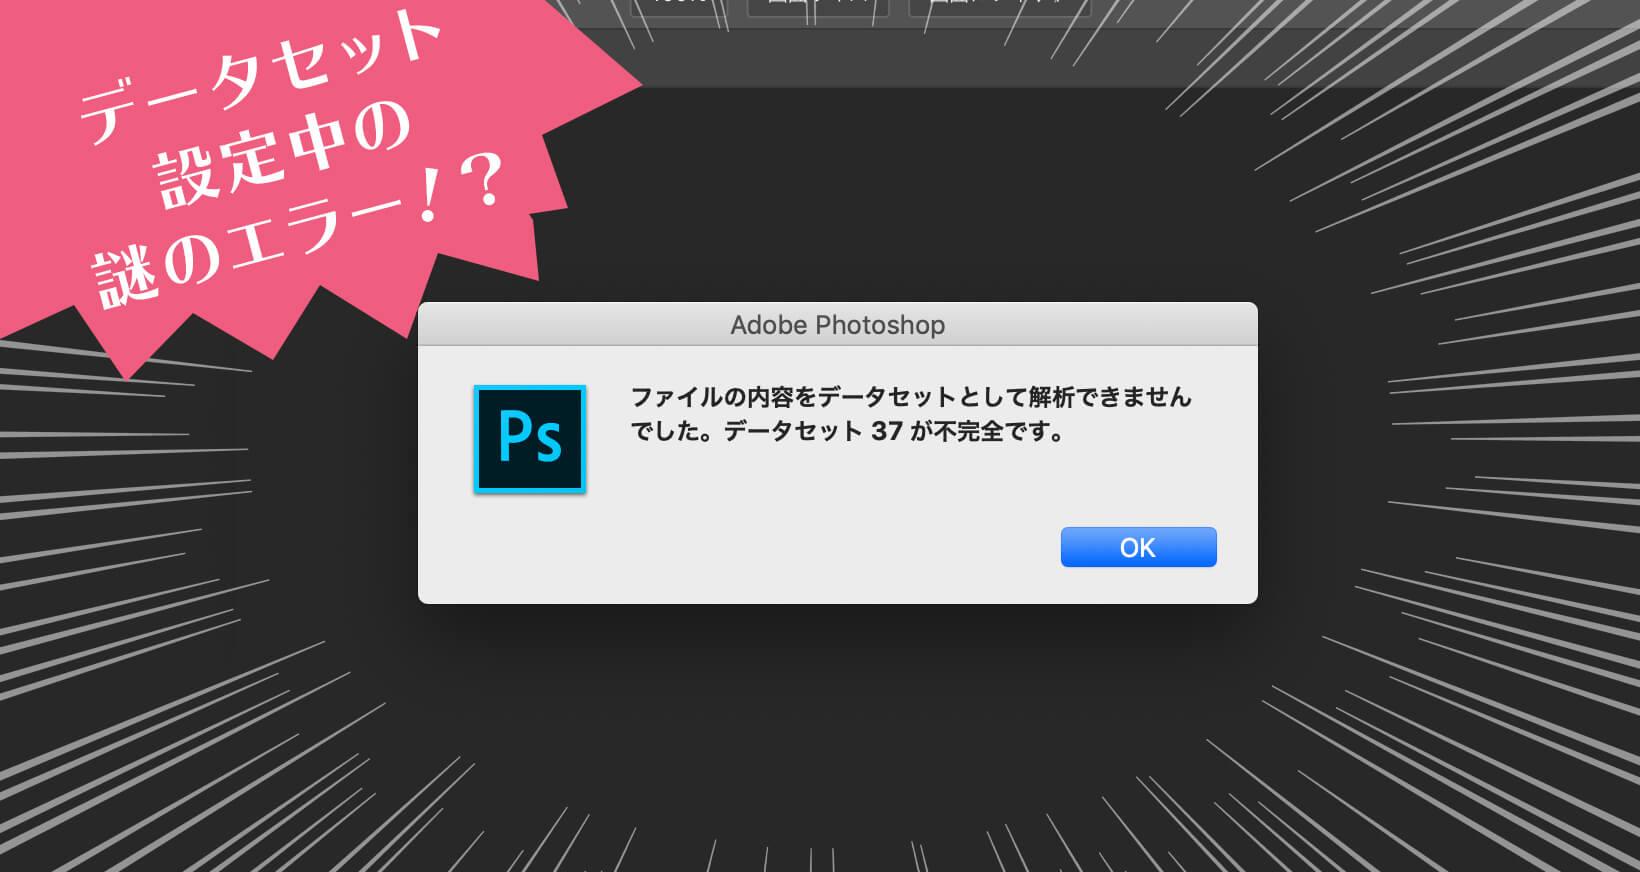 Photoshop データセット 不完全です ファイルの内容をデータセットとして解析できませんでした